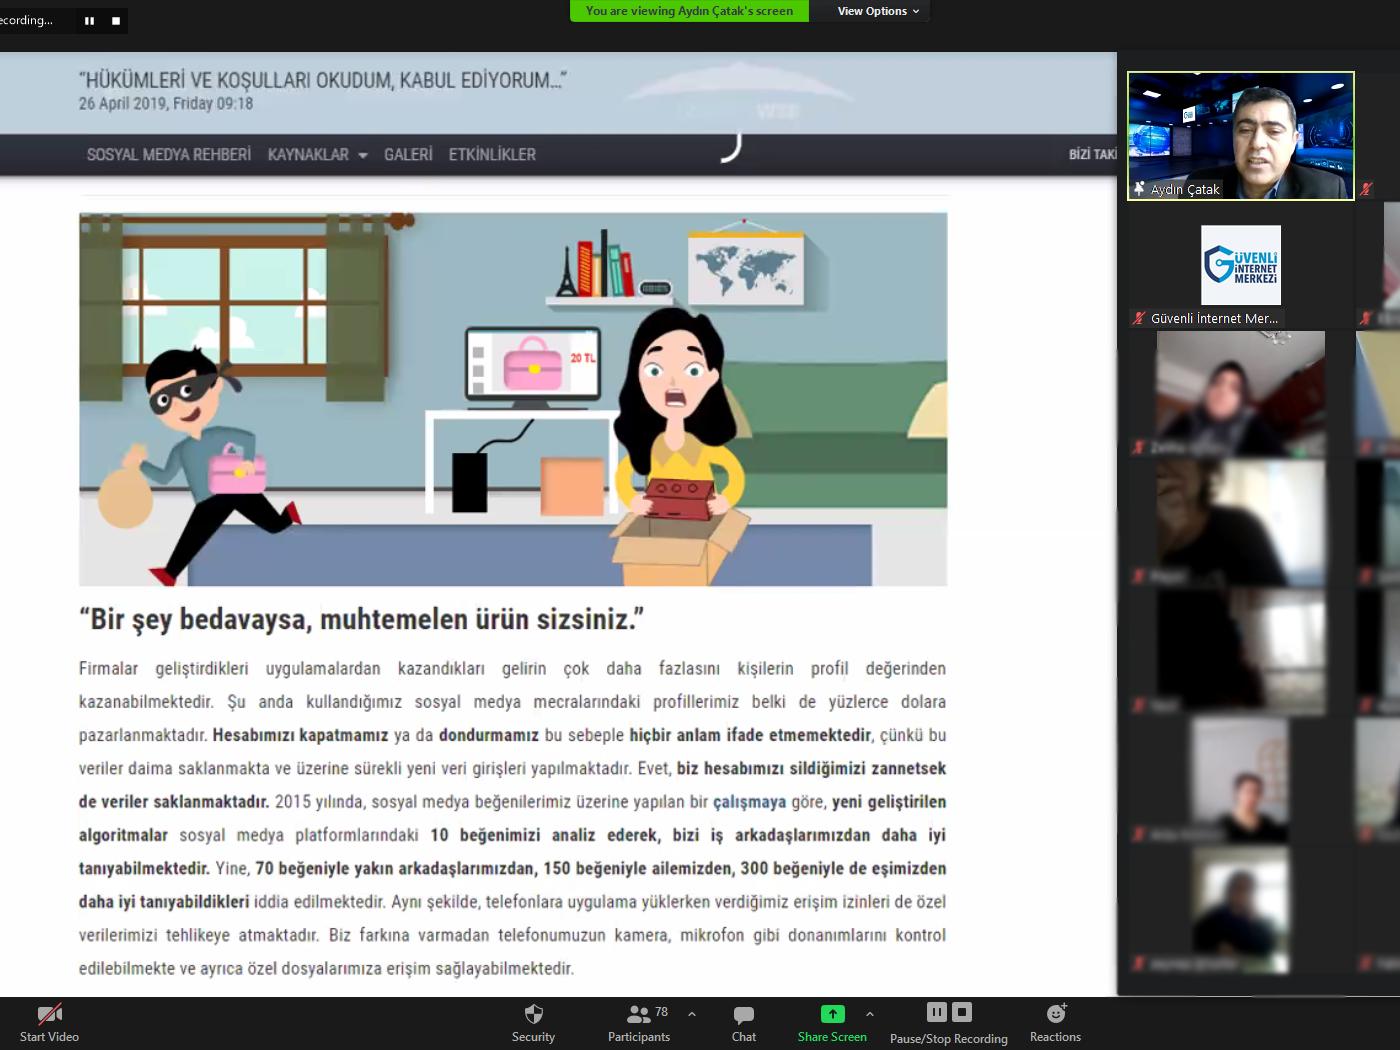 Zonguldak Ereğli İzmirlioğlu İlkokulu Velilerine Yönelik Online Eğitim